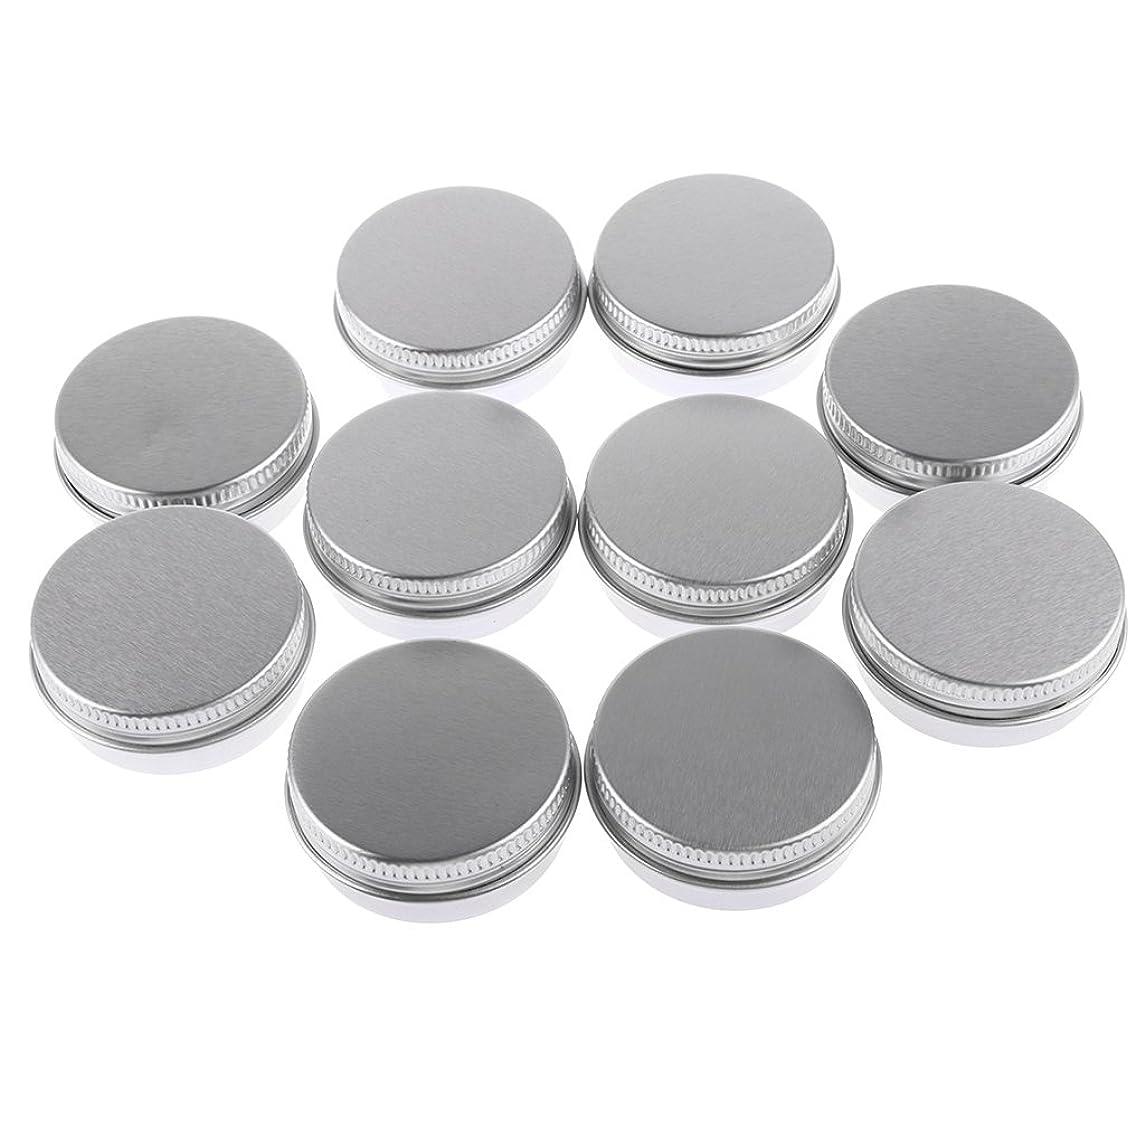 代替案侵入思い出させるBaosity 10個入り 化粧品用 空 瓶 クリーム 缶 容器 缶ケース 蓋付き 15g